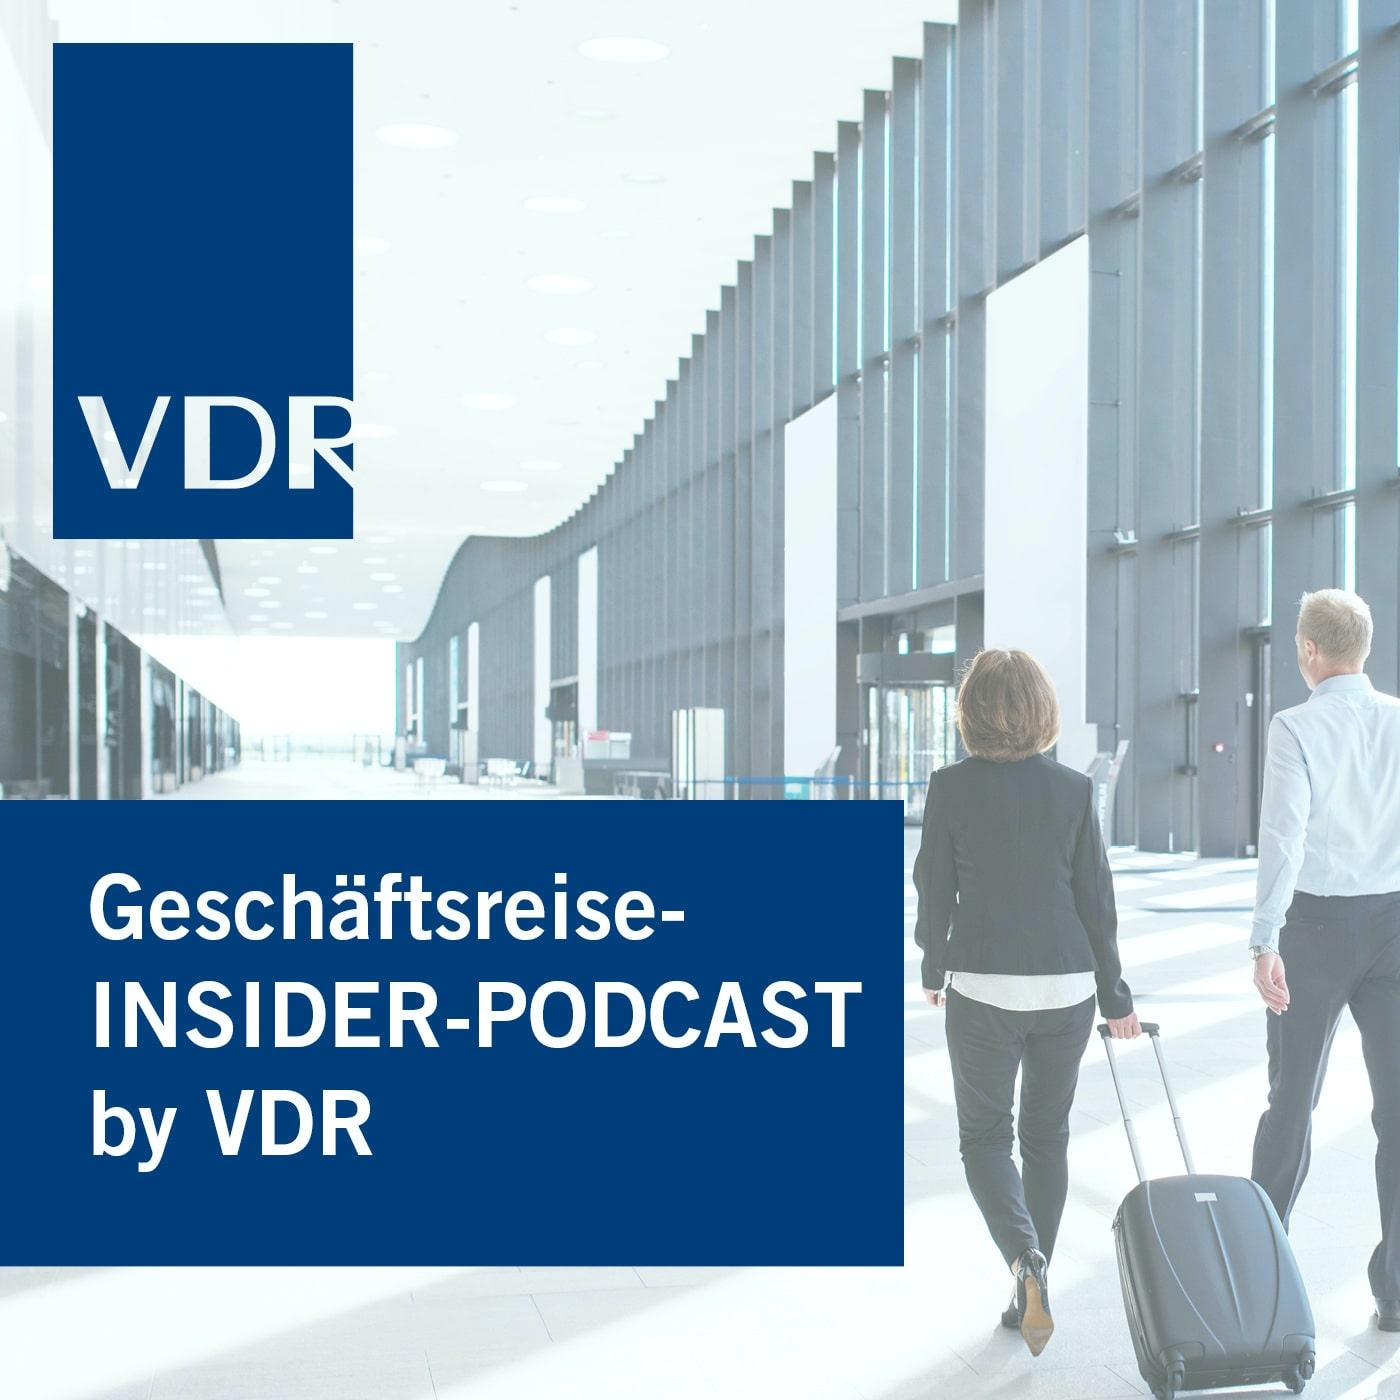 Artwork for podcast Geschäftsreise-INSIDER-PODCAST by VDR